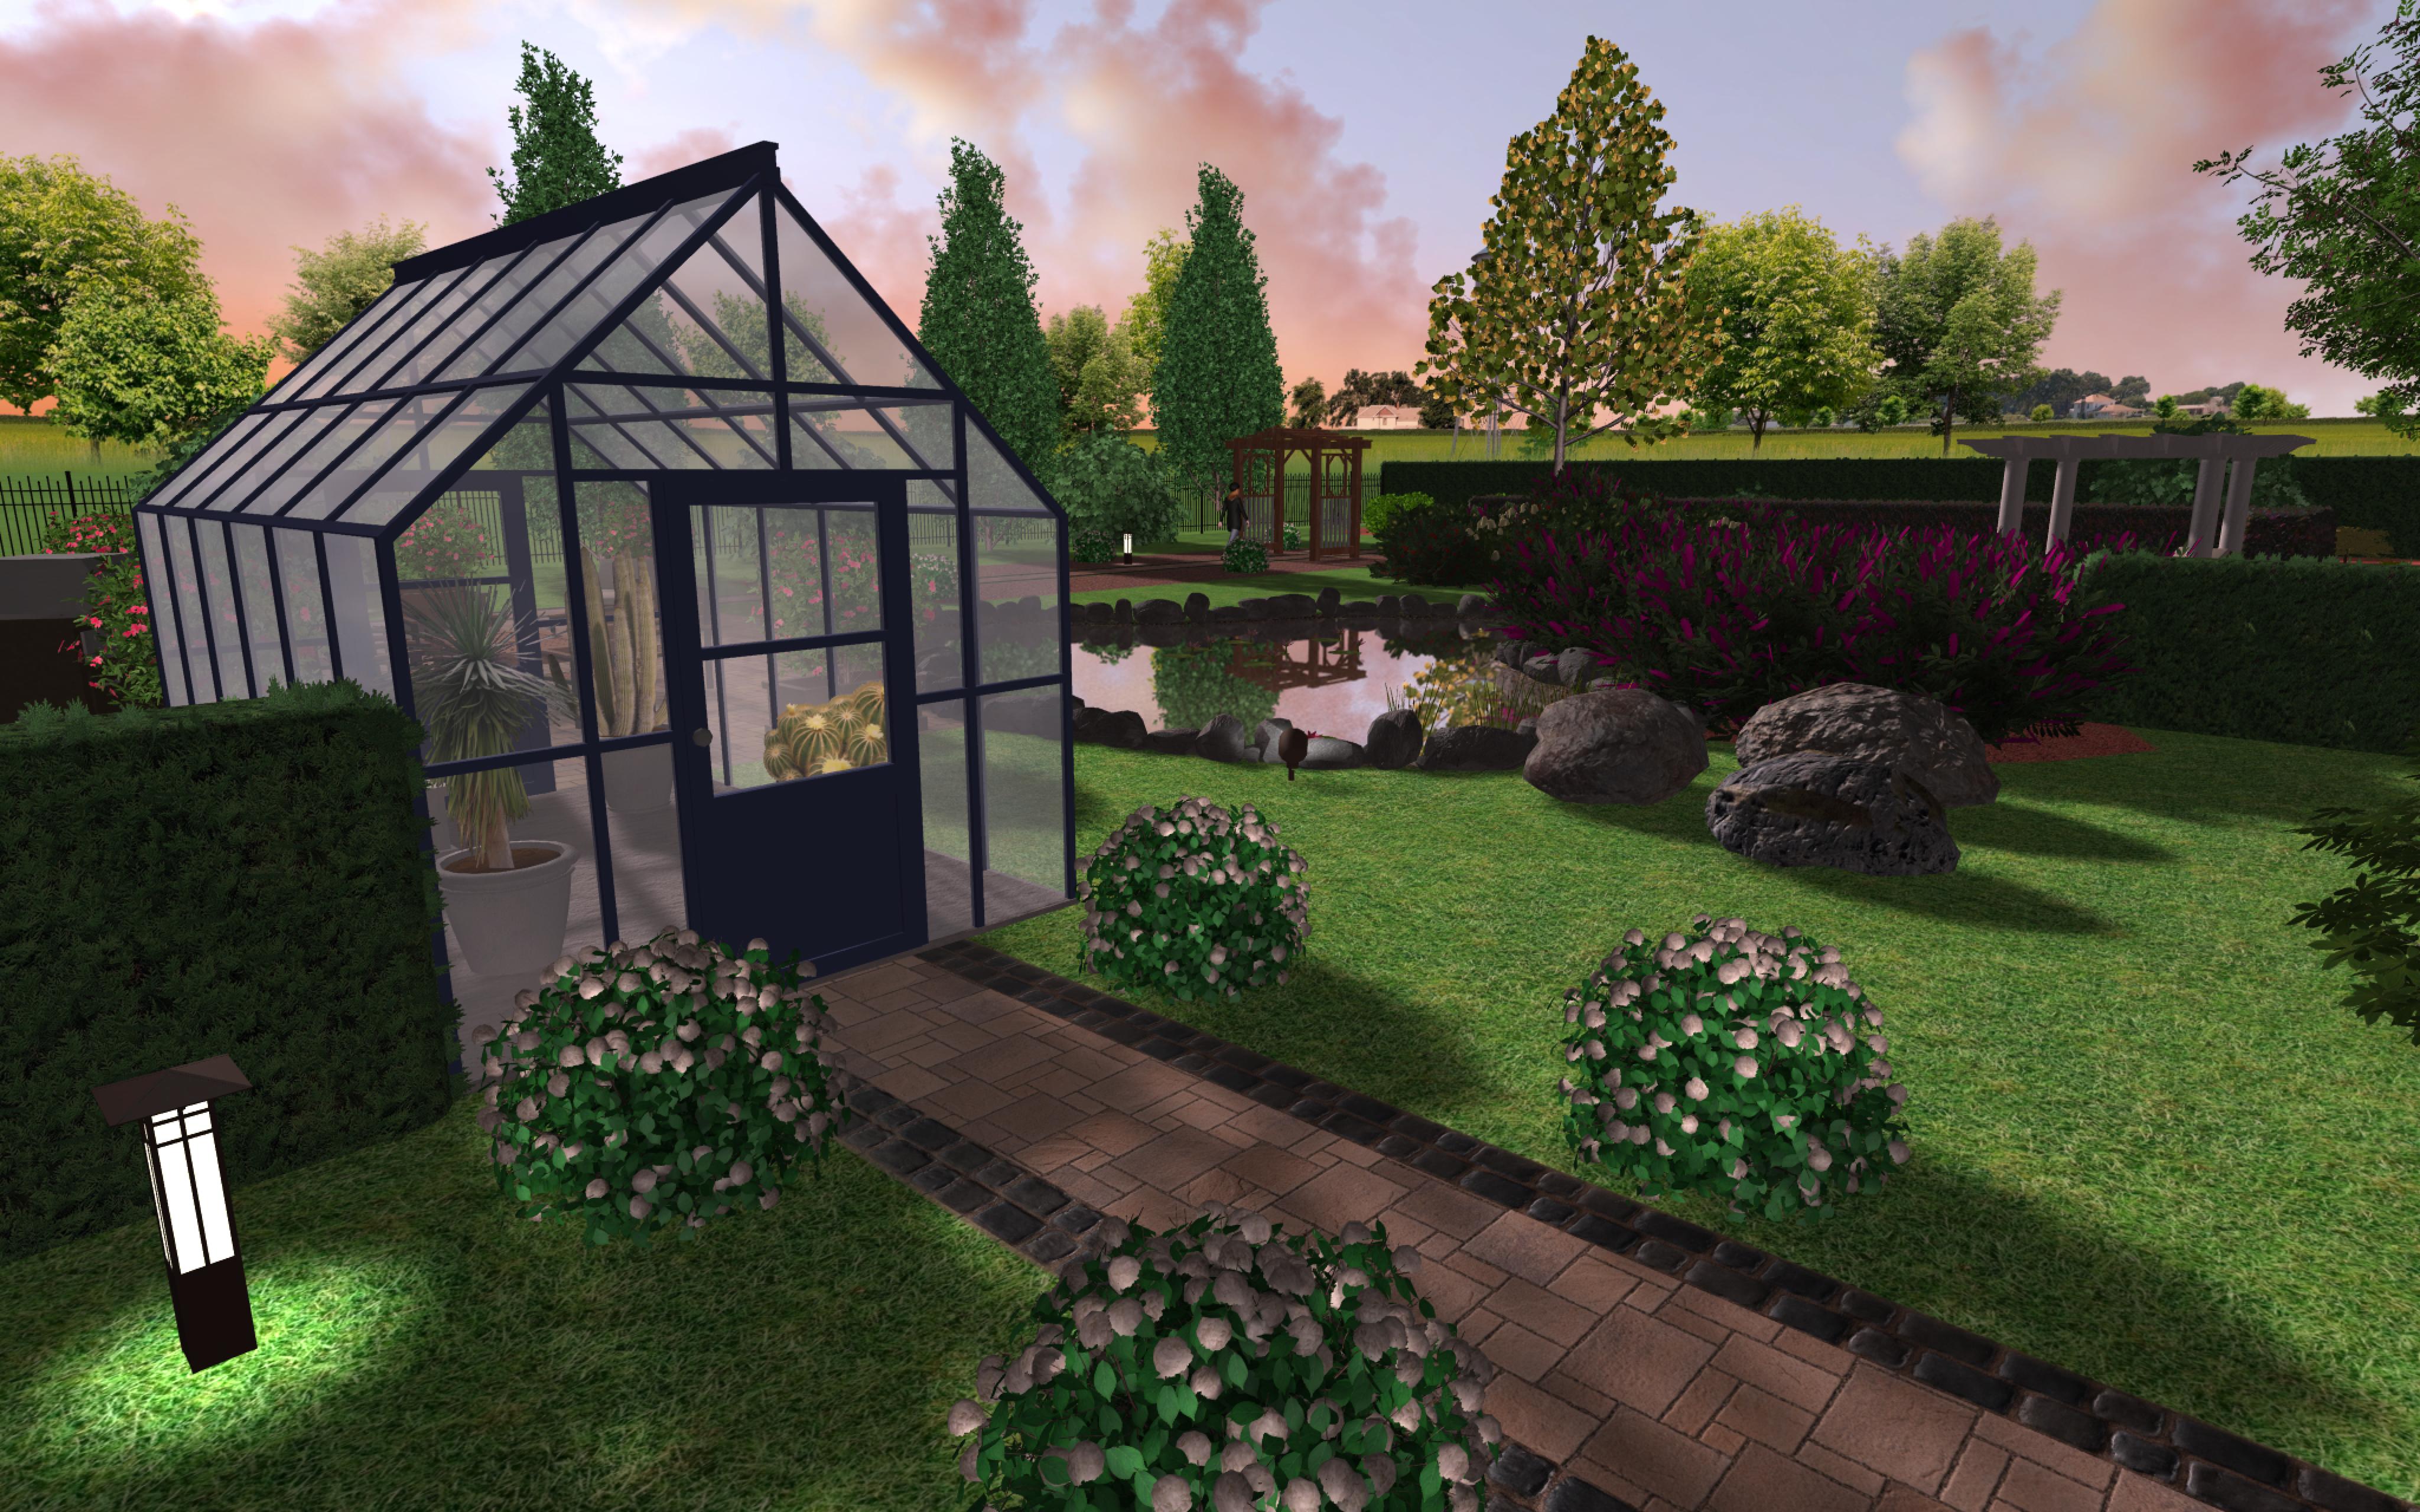 Hoveniersbedrijf s hoekstra tuinaanleg onderhoud for 3d tuin ontwerpen